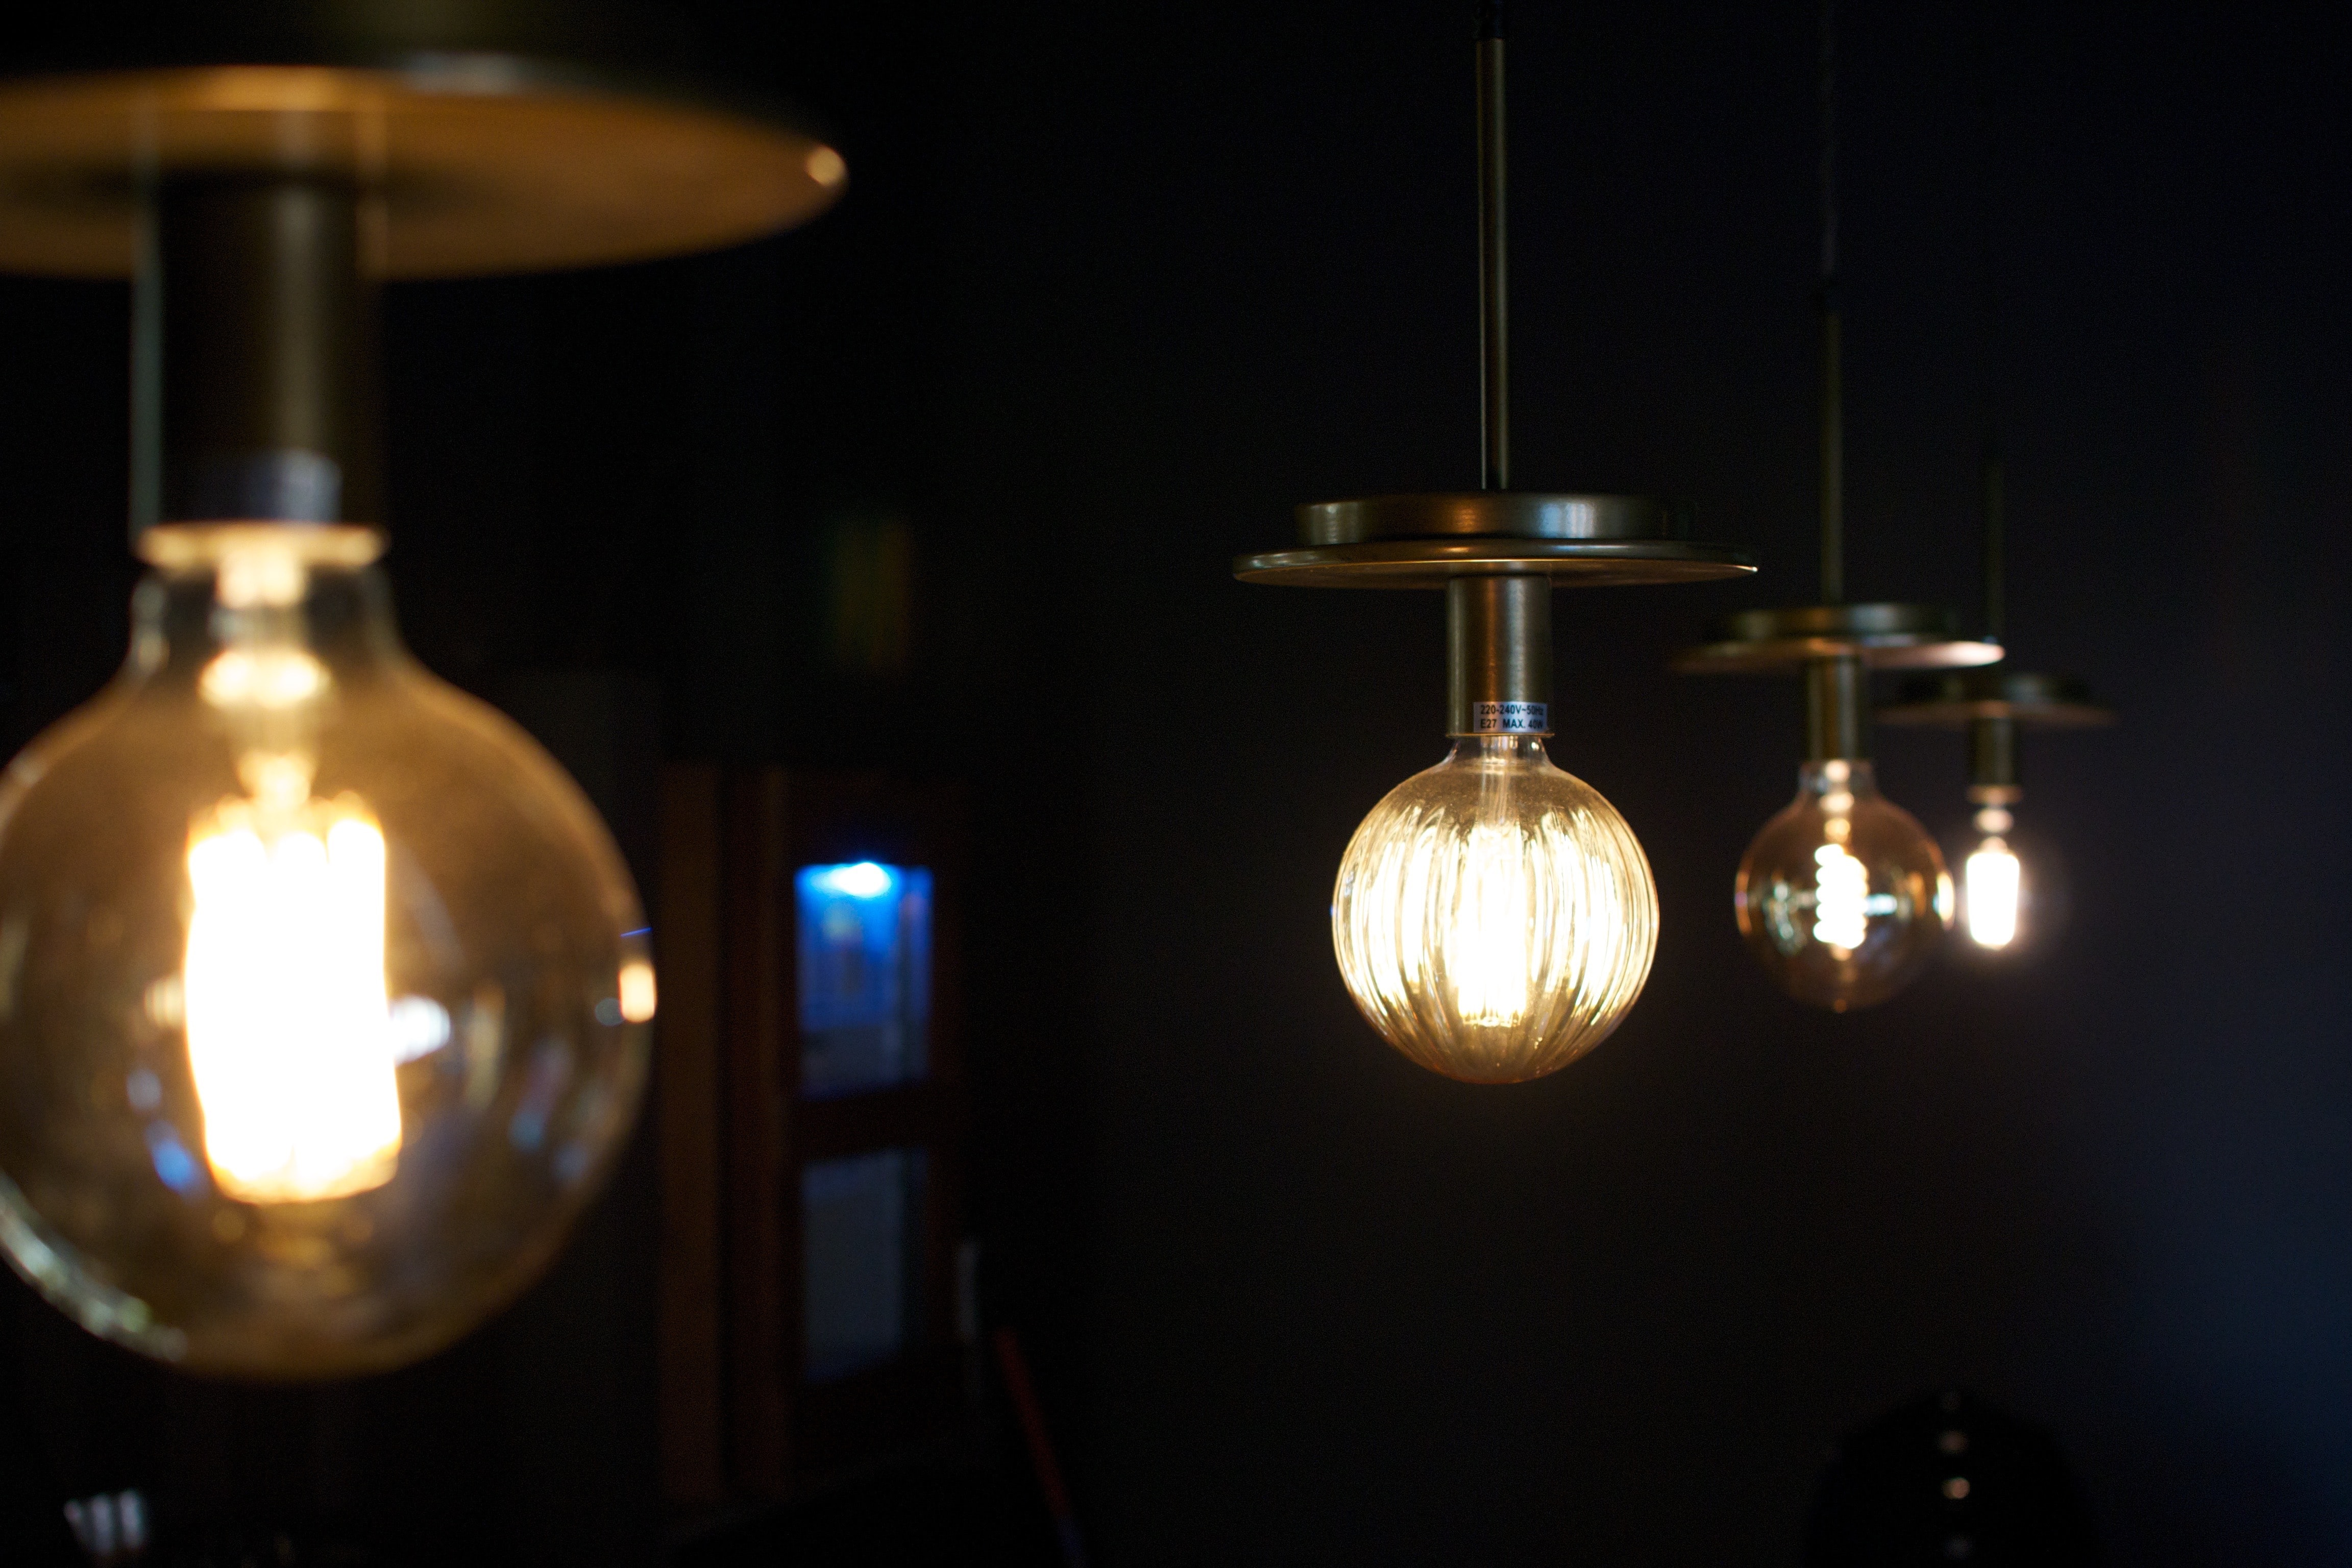 angela gonzalez garcia THhv thjR20 unsplash - PH-lamper – få kvalitetslamper ind i din bolig